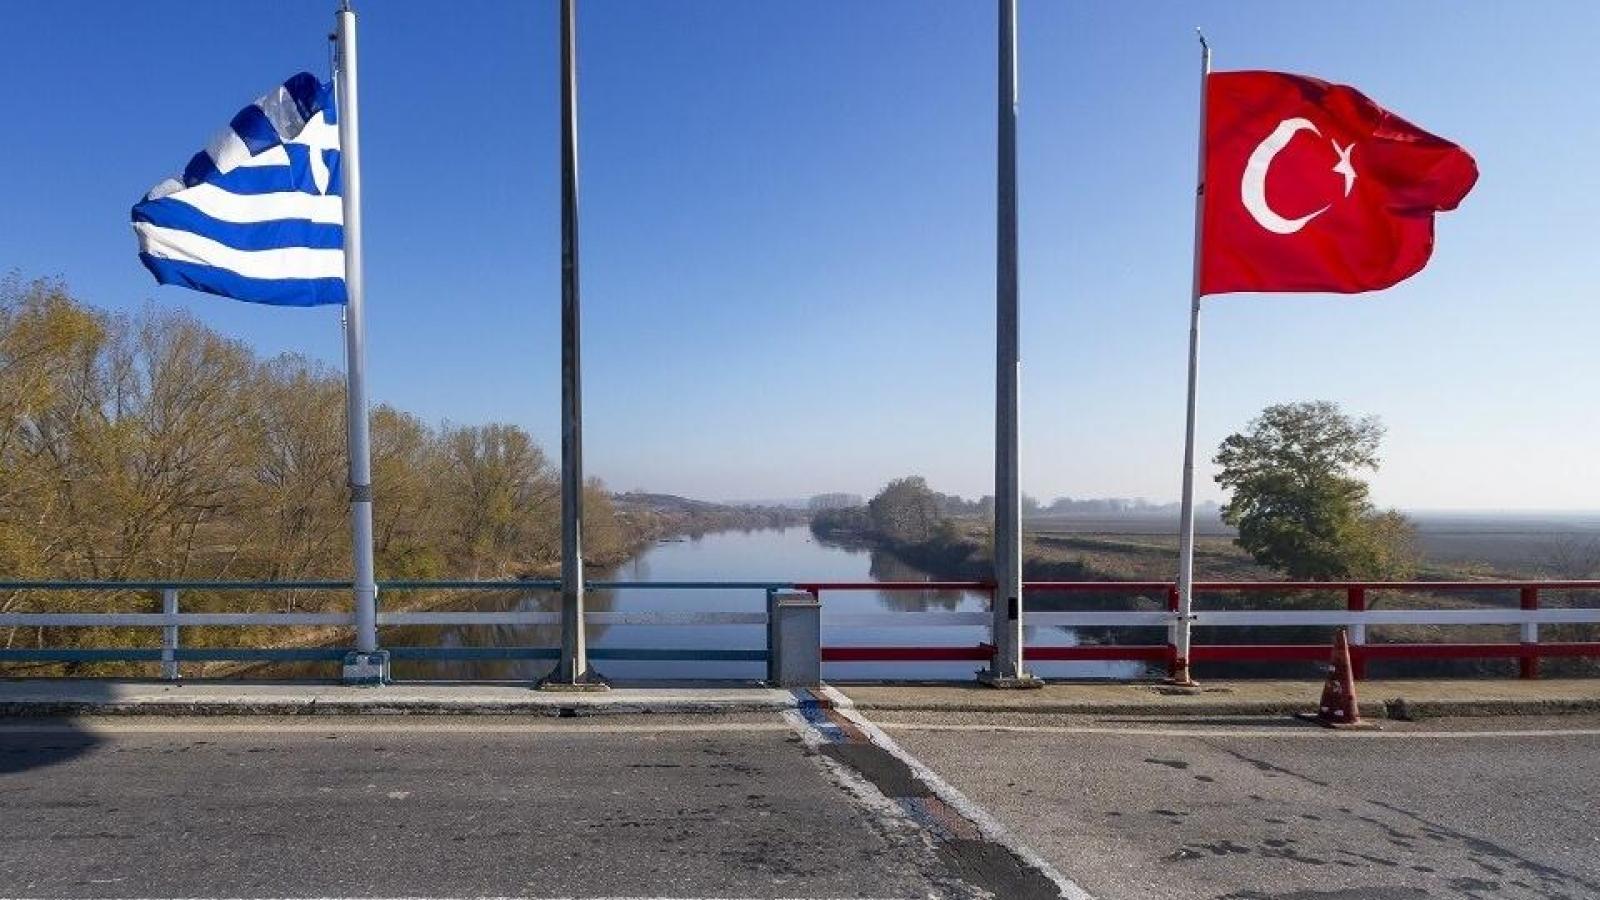 Vì sao Thổ Nhĩ Kỳ buộc phải xuống thang để giải quyết tranh chấp ở Đông Địa Trung Hải?